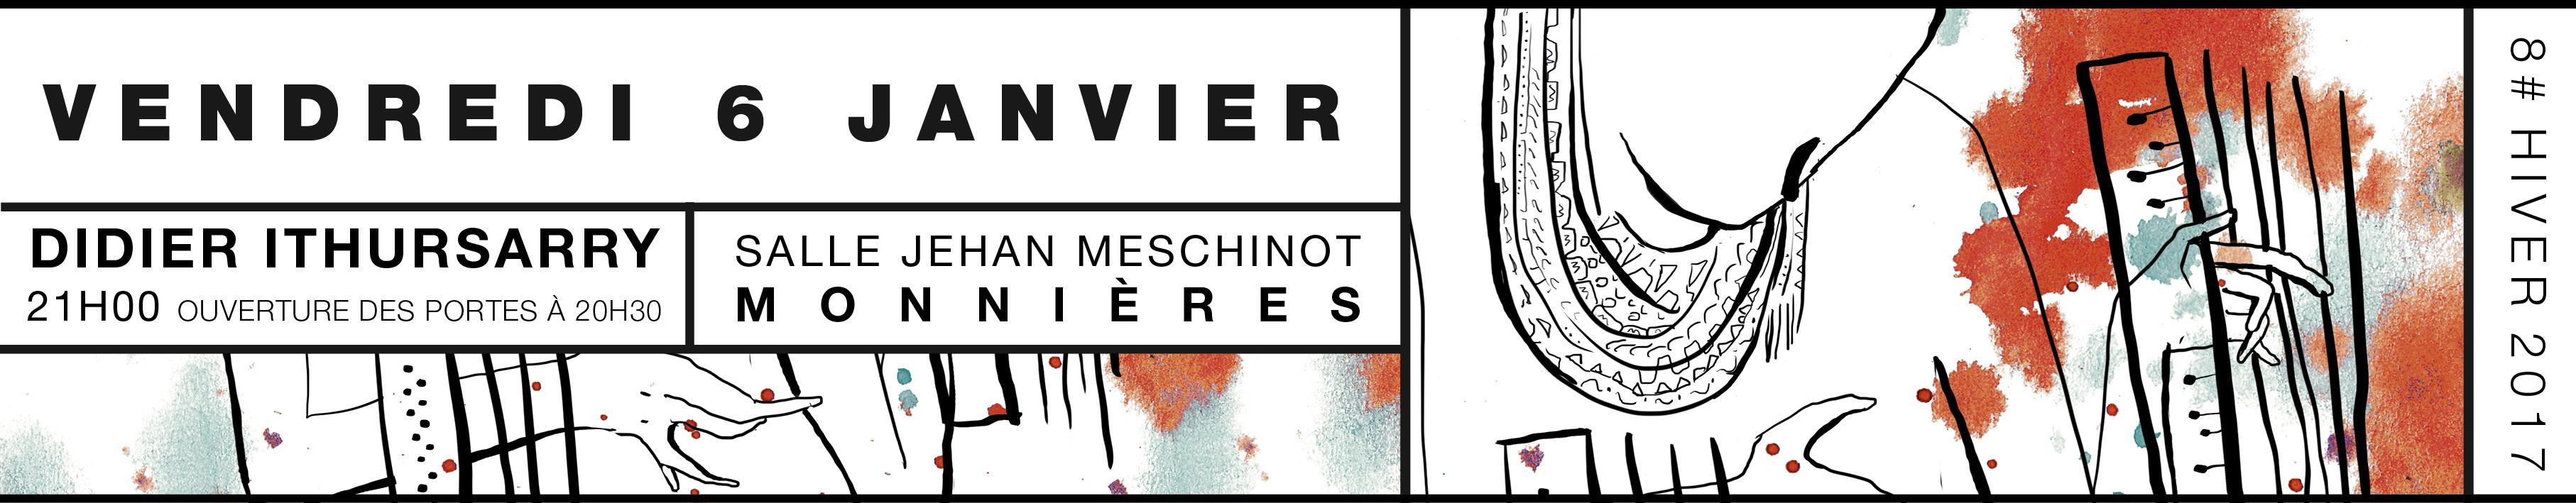 # 8 – HIVER 2017 : Vendredi 6 janvier